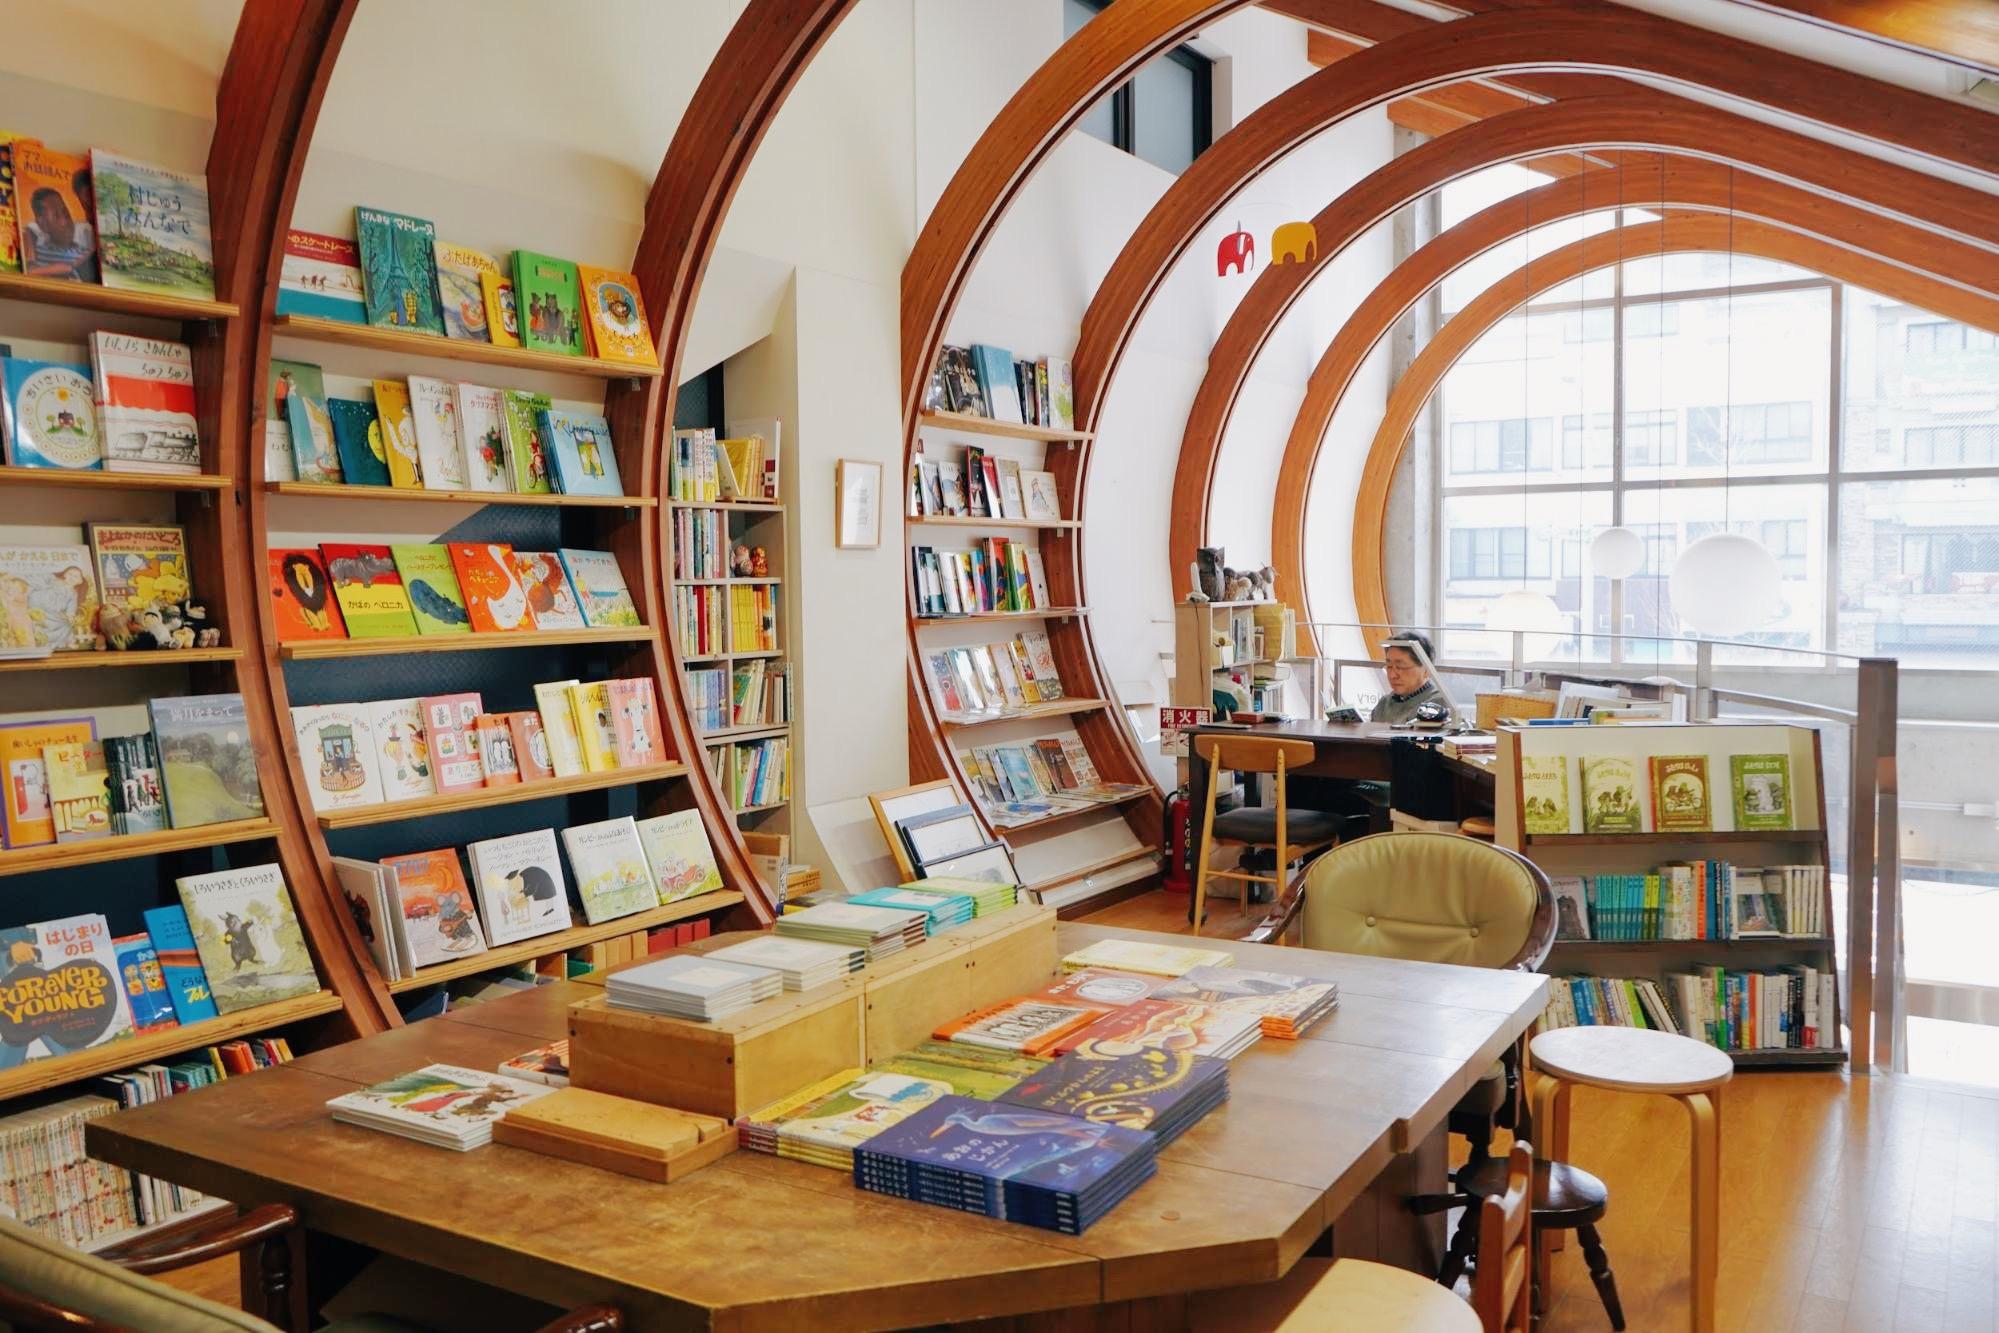 「ただいま」って言いたくなったら。通うほどに心地よくなるブックカフェ『kokoti cafe』 - image8